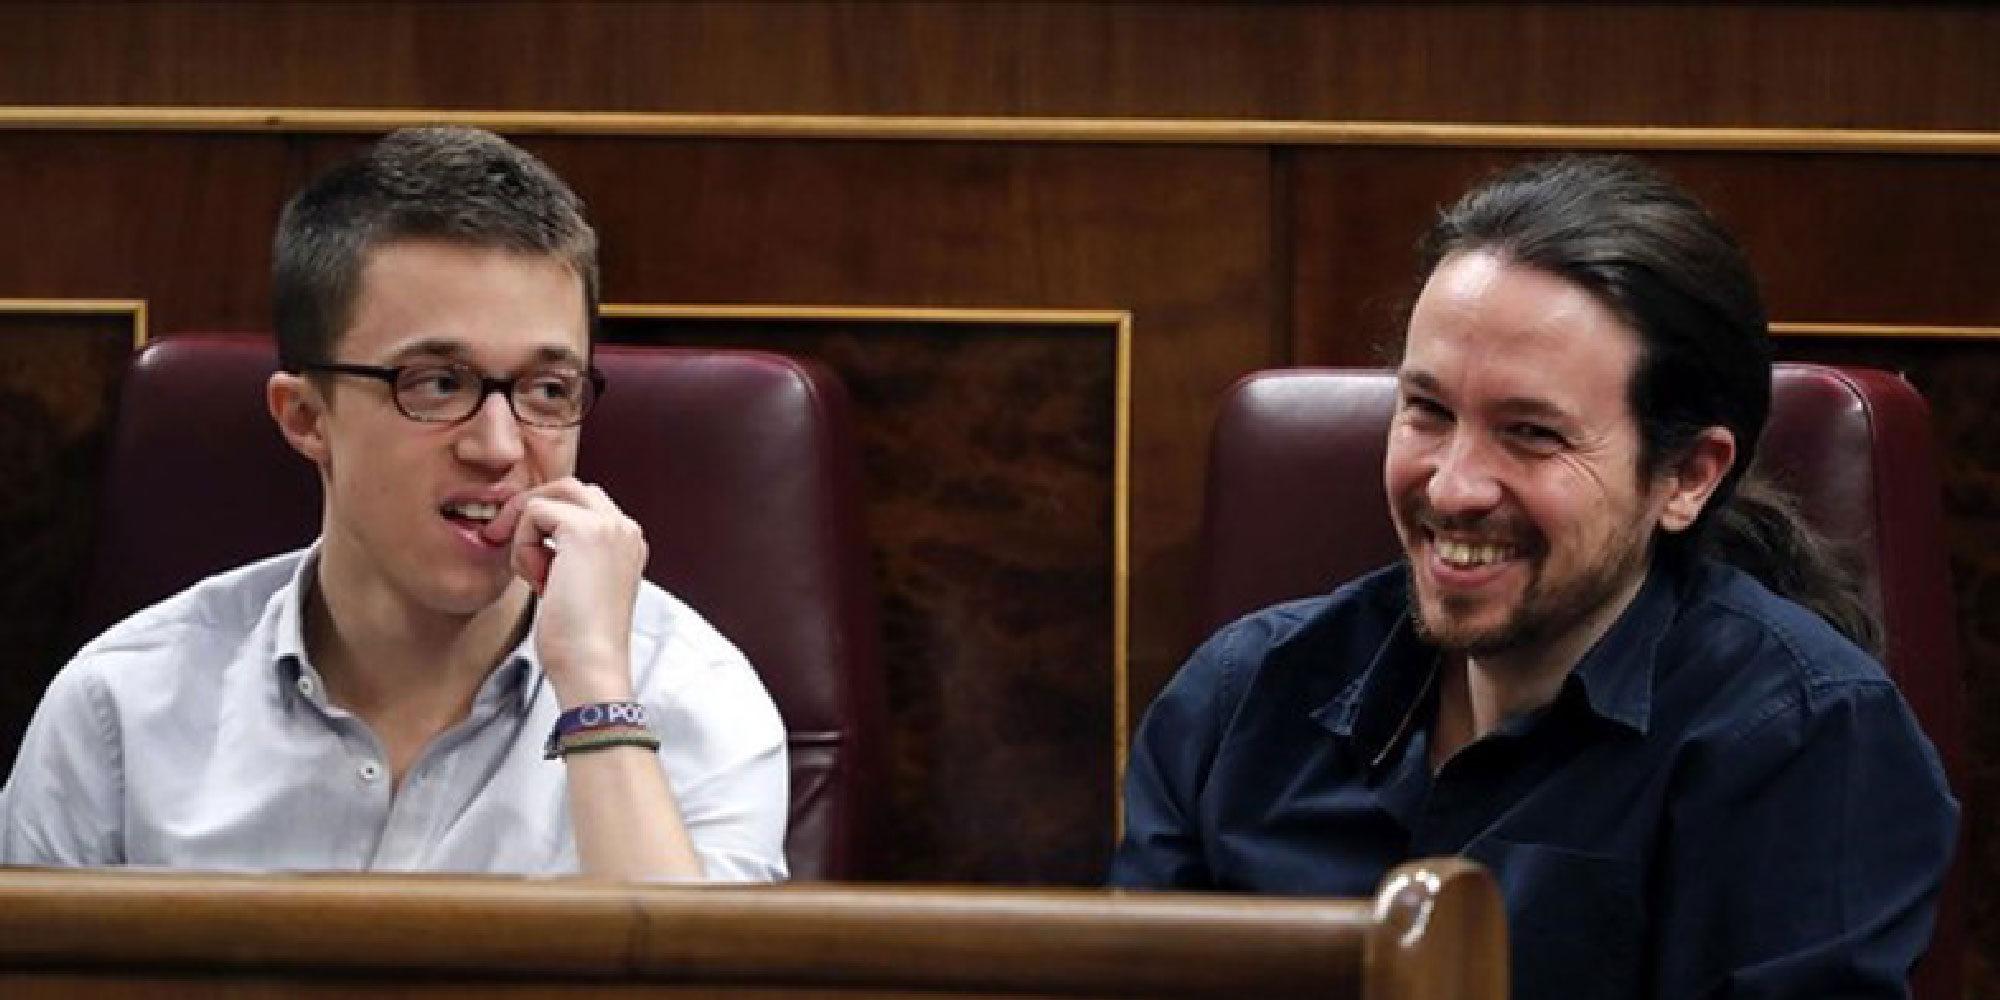 Pablo Iglesias planta un beso a Íñigo Errejón en pleno directo a lo Iker Casillas y Sara Carbonero